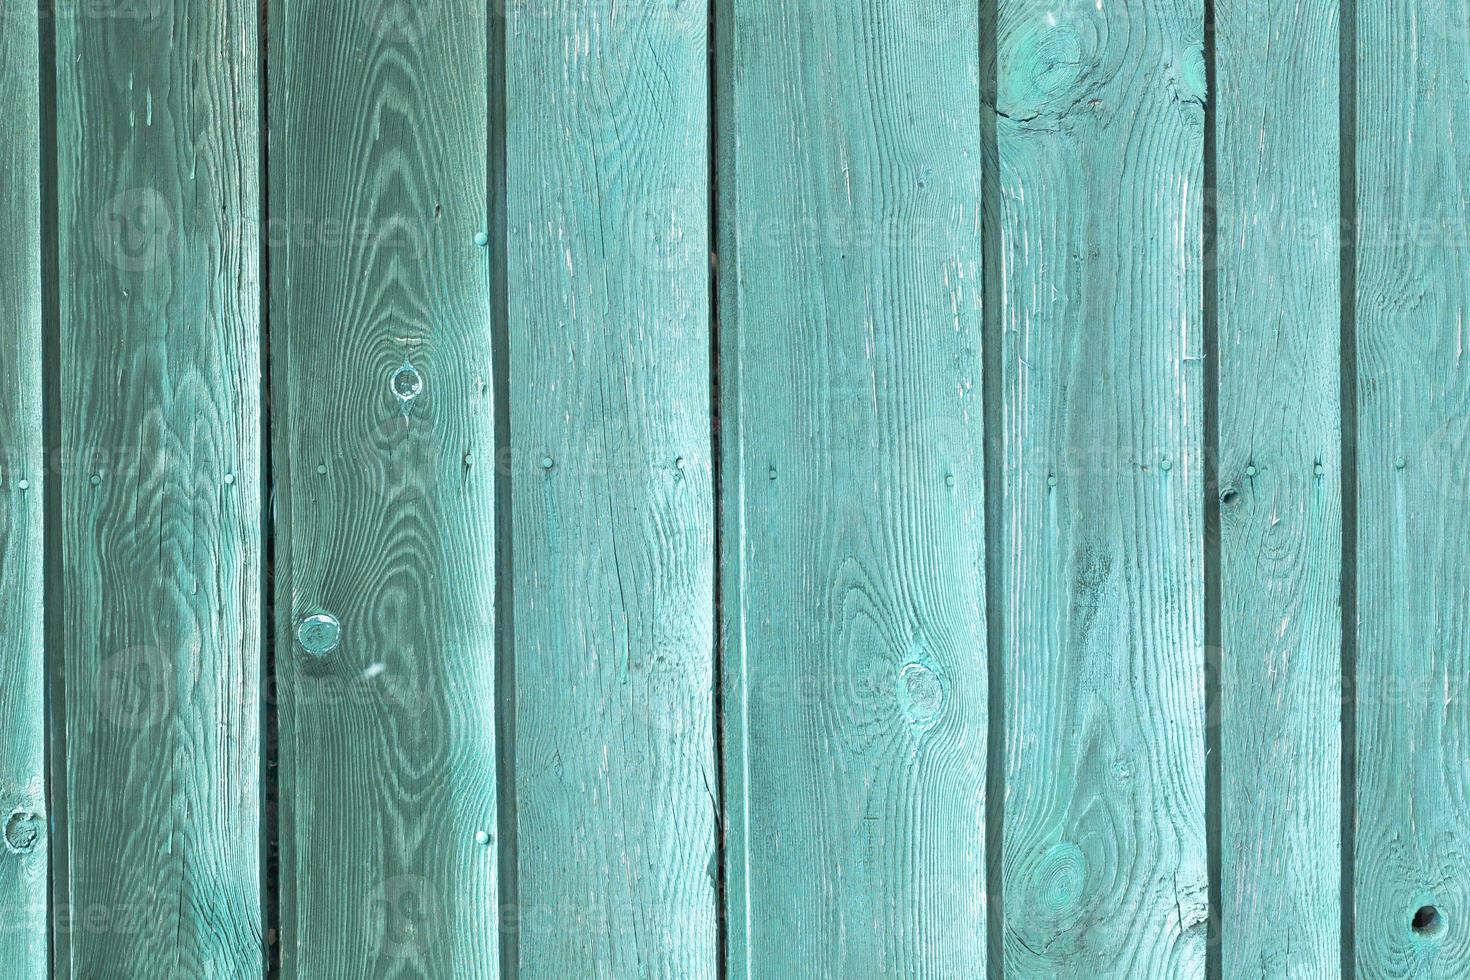 la struttura in legno blu con motivi naturali foto